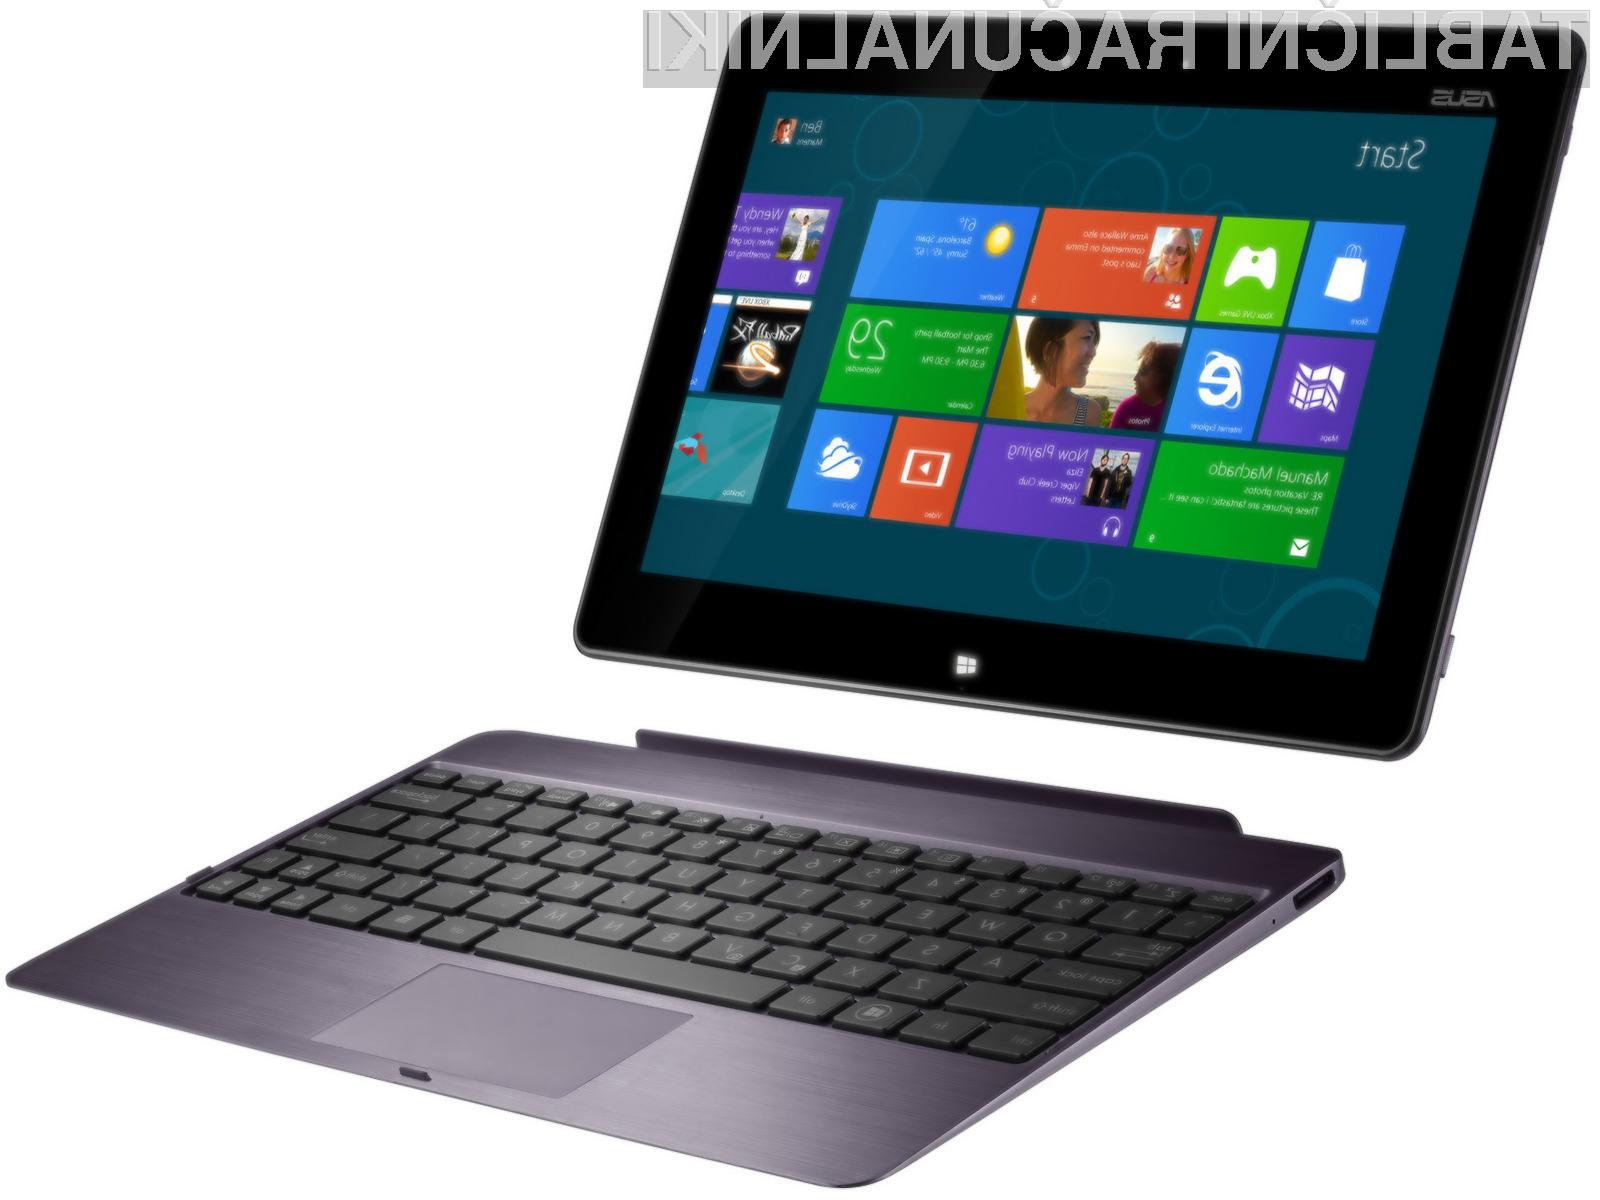 Proizvajalci tablic Microsoftu za Windows 8.1 odštejejo največ preračunanih 13 evrov.